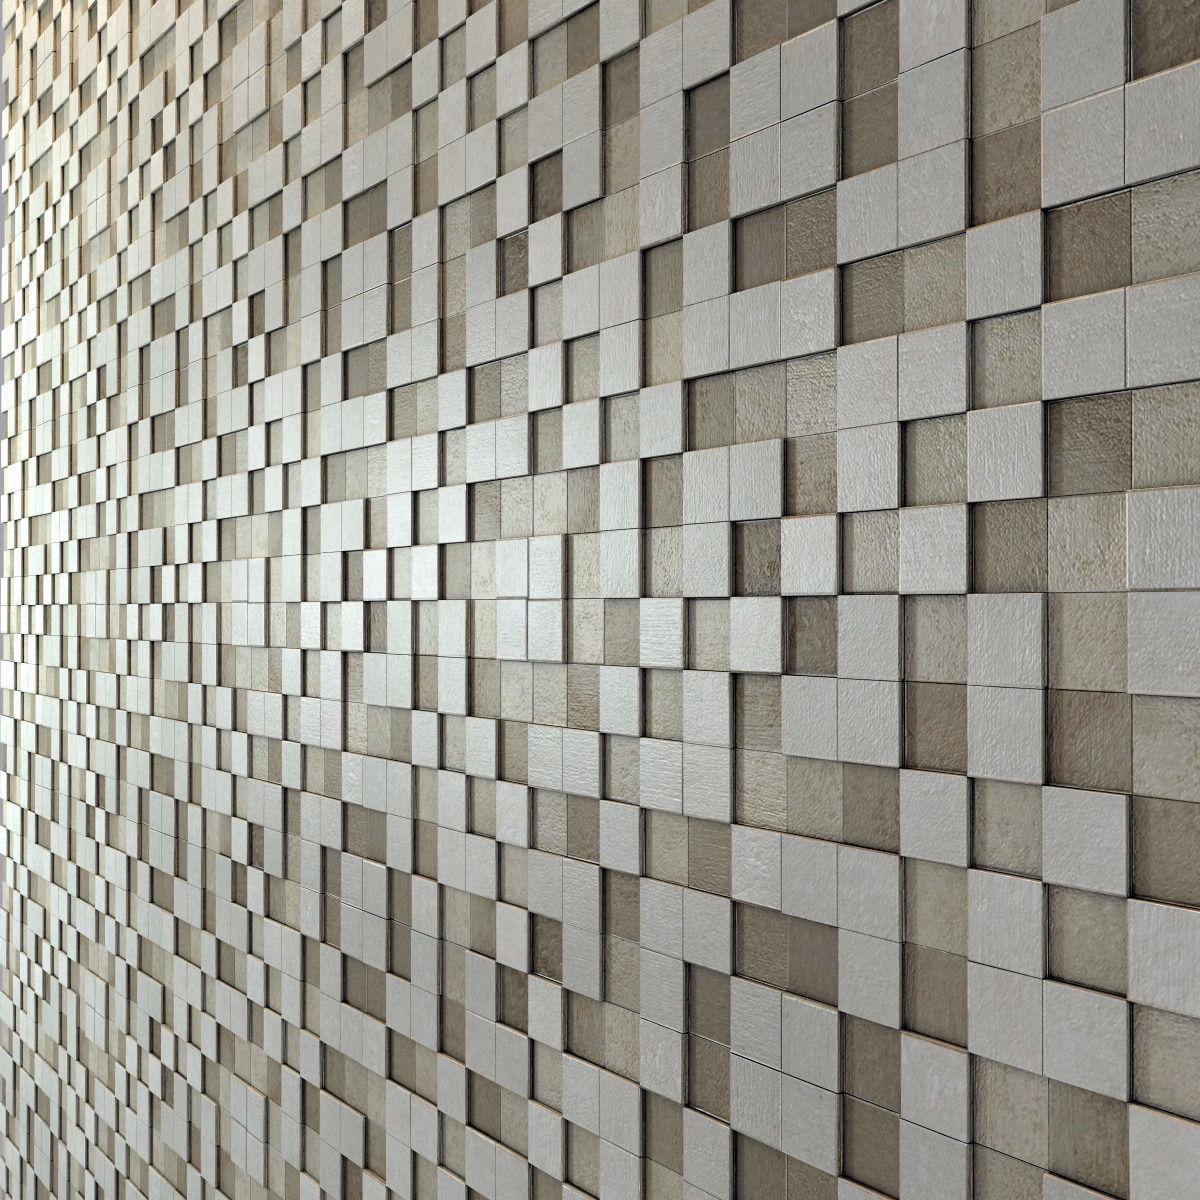 Apavisa Nanoevolution Tile Mosaic 3D model | CGTrader